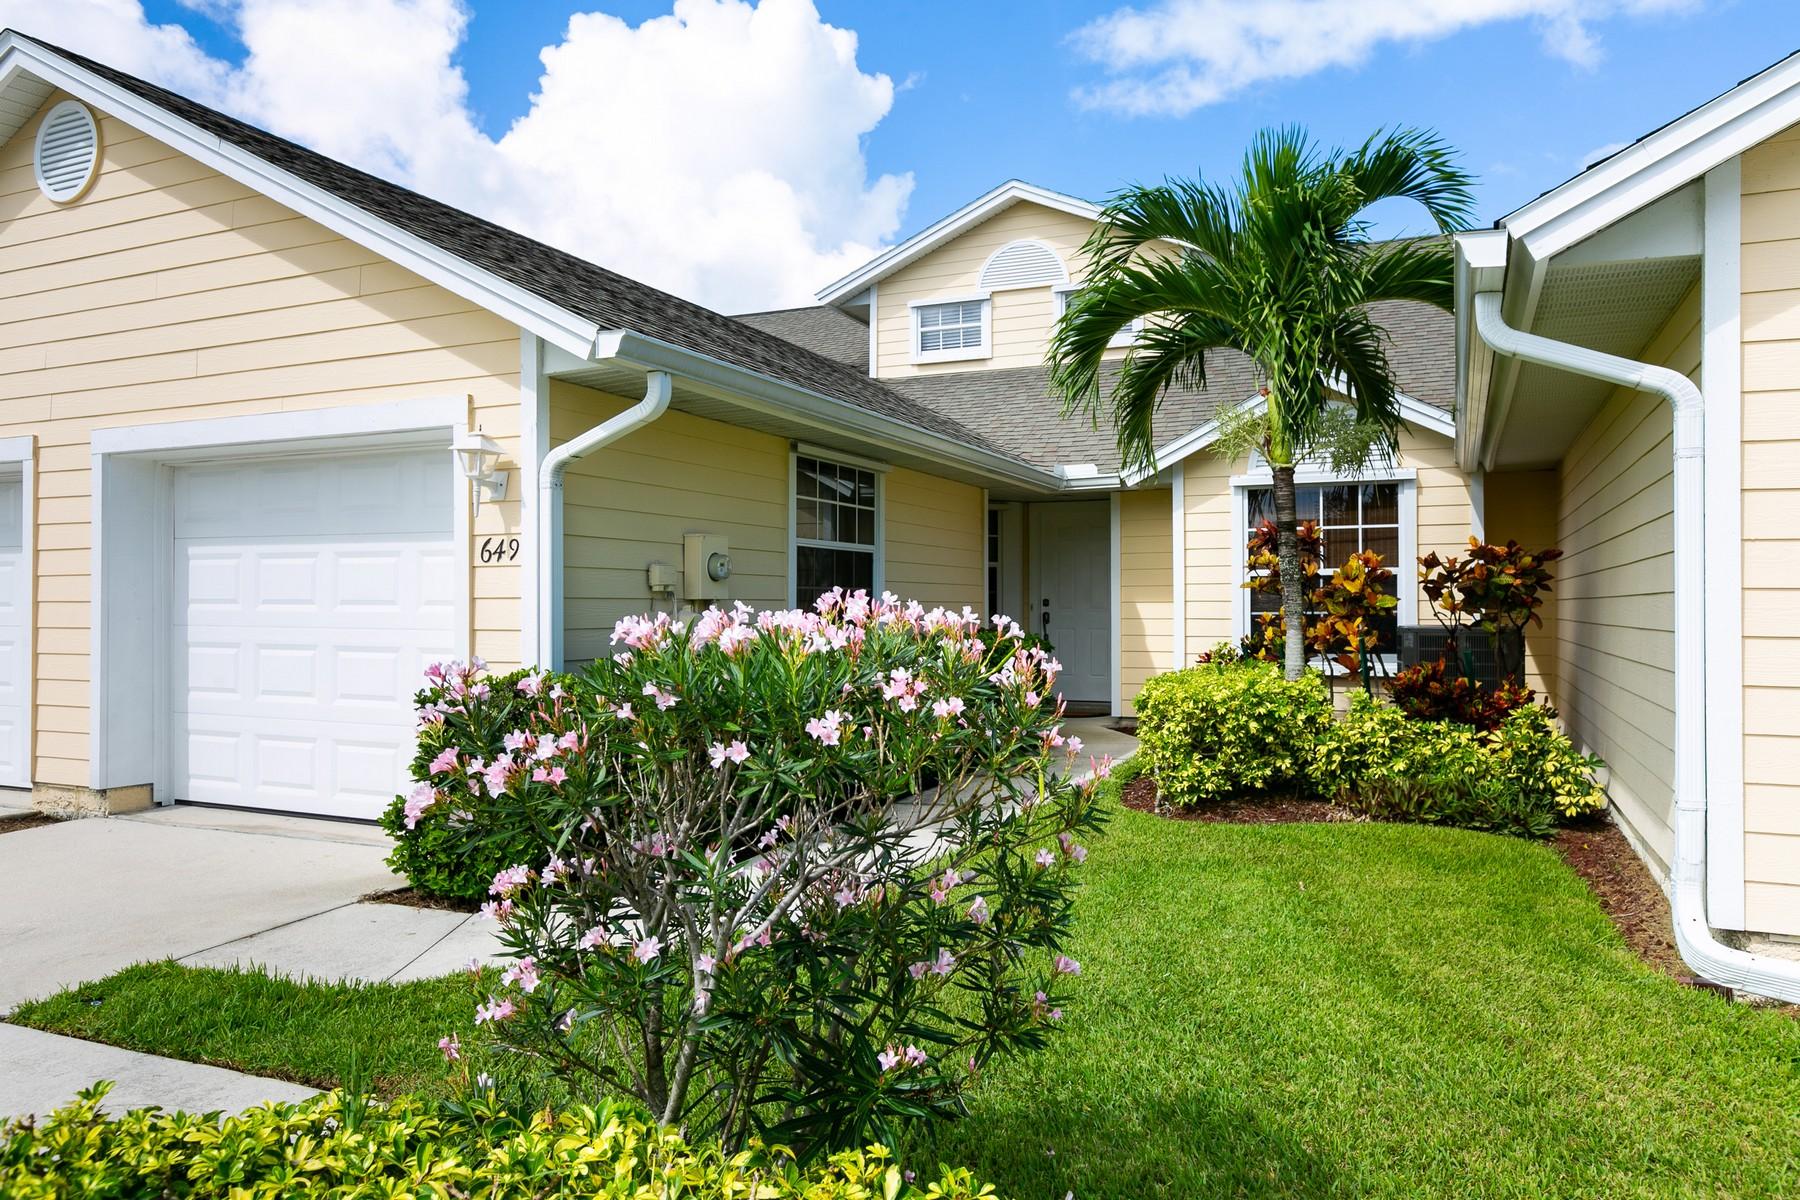 独户住宅 为 销售 在 Lakefront Updated Villa With Loft 649 5th Avenue 维罗海滩, 佛罗里达州 32962 美国